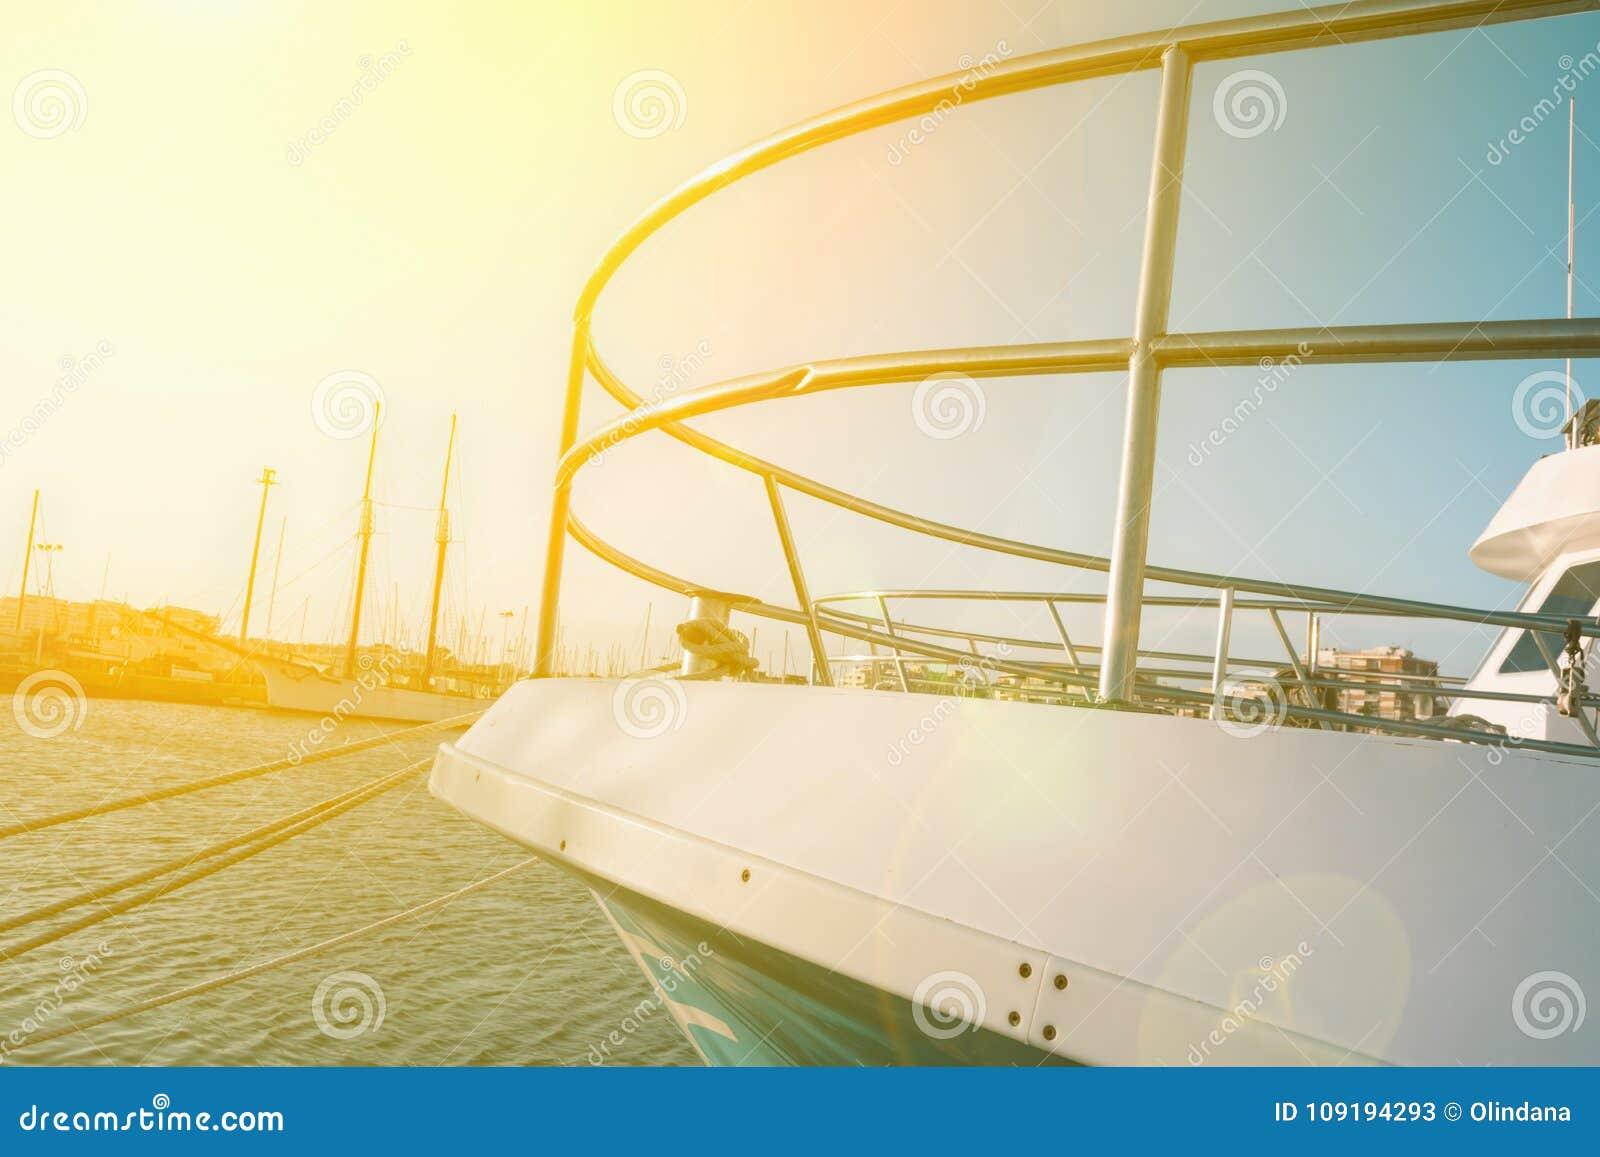 Nuevo yate hermoso grande amarrado en muelle en el mar Mediterráneo Vista lateral de Latral de la nariz del arco del barco Llamar